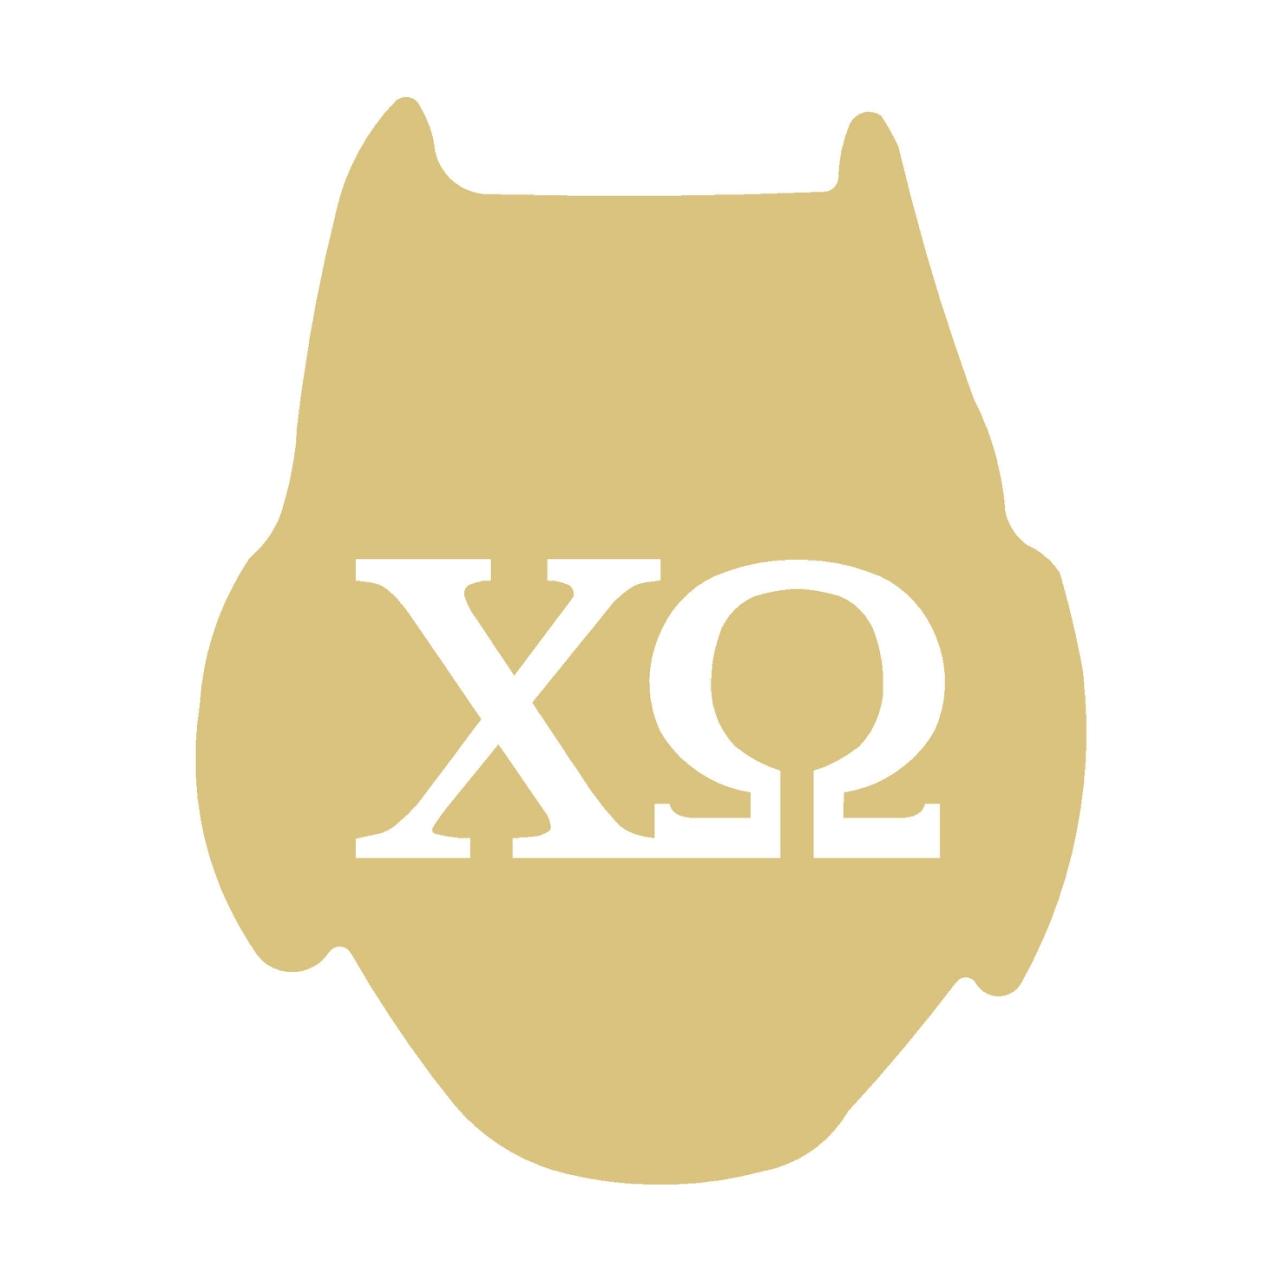 Owl Chi Omega Cutout Style 3.